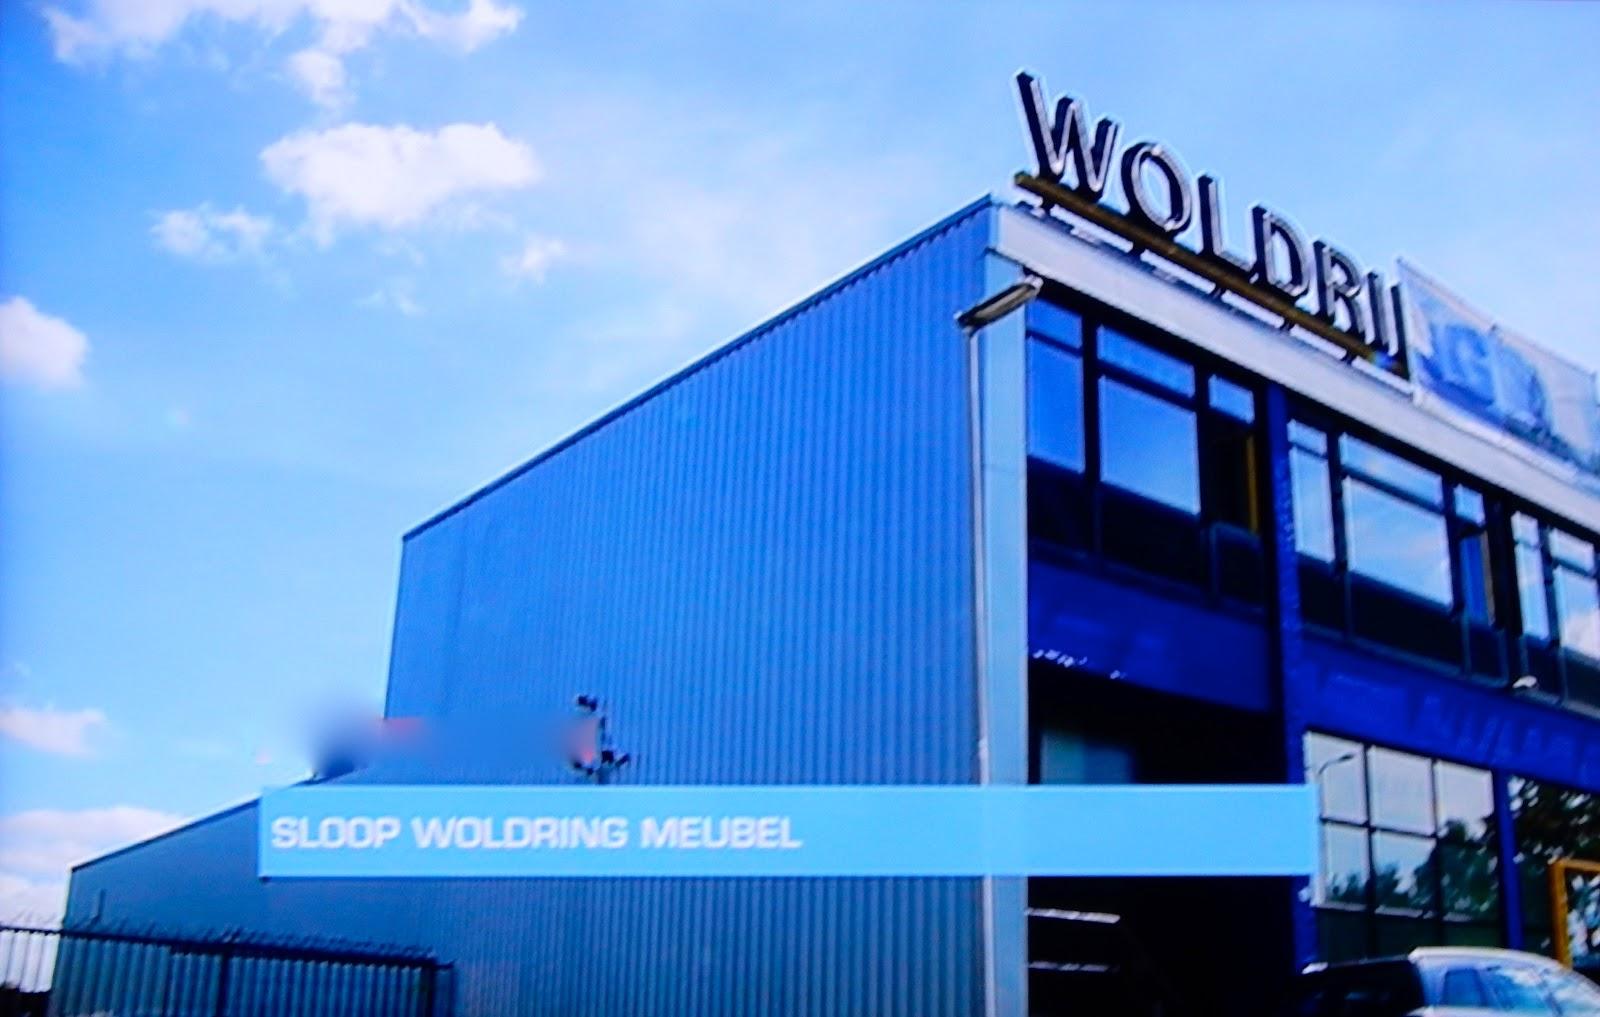 Woldring Meubel Groningen : Groningen woldring complex bouwplannen kunnen doorgaan news